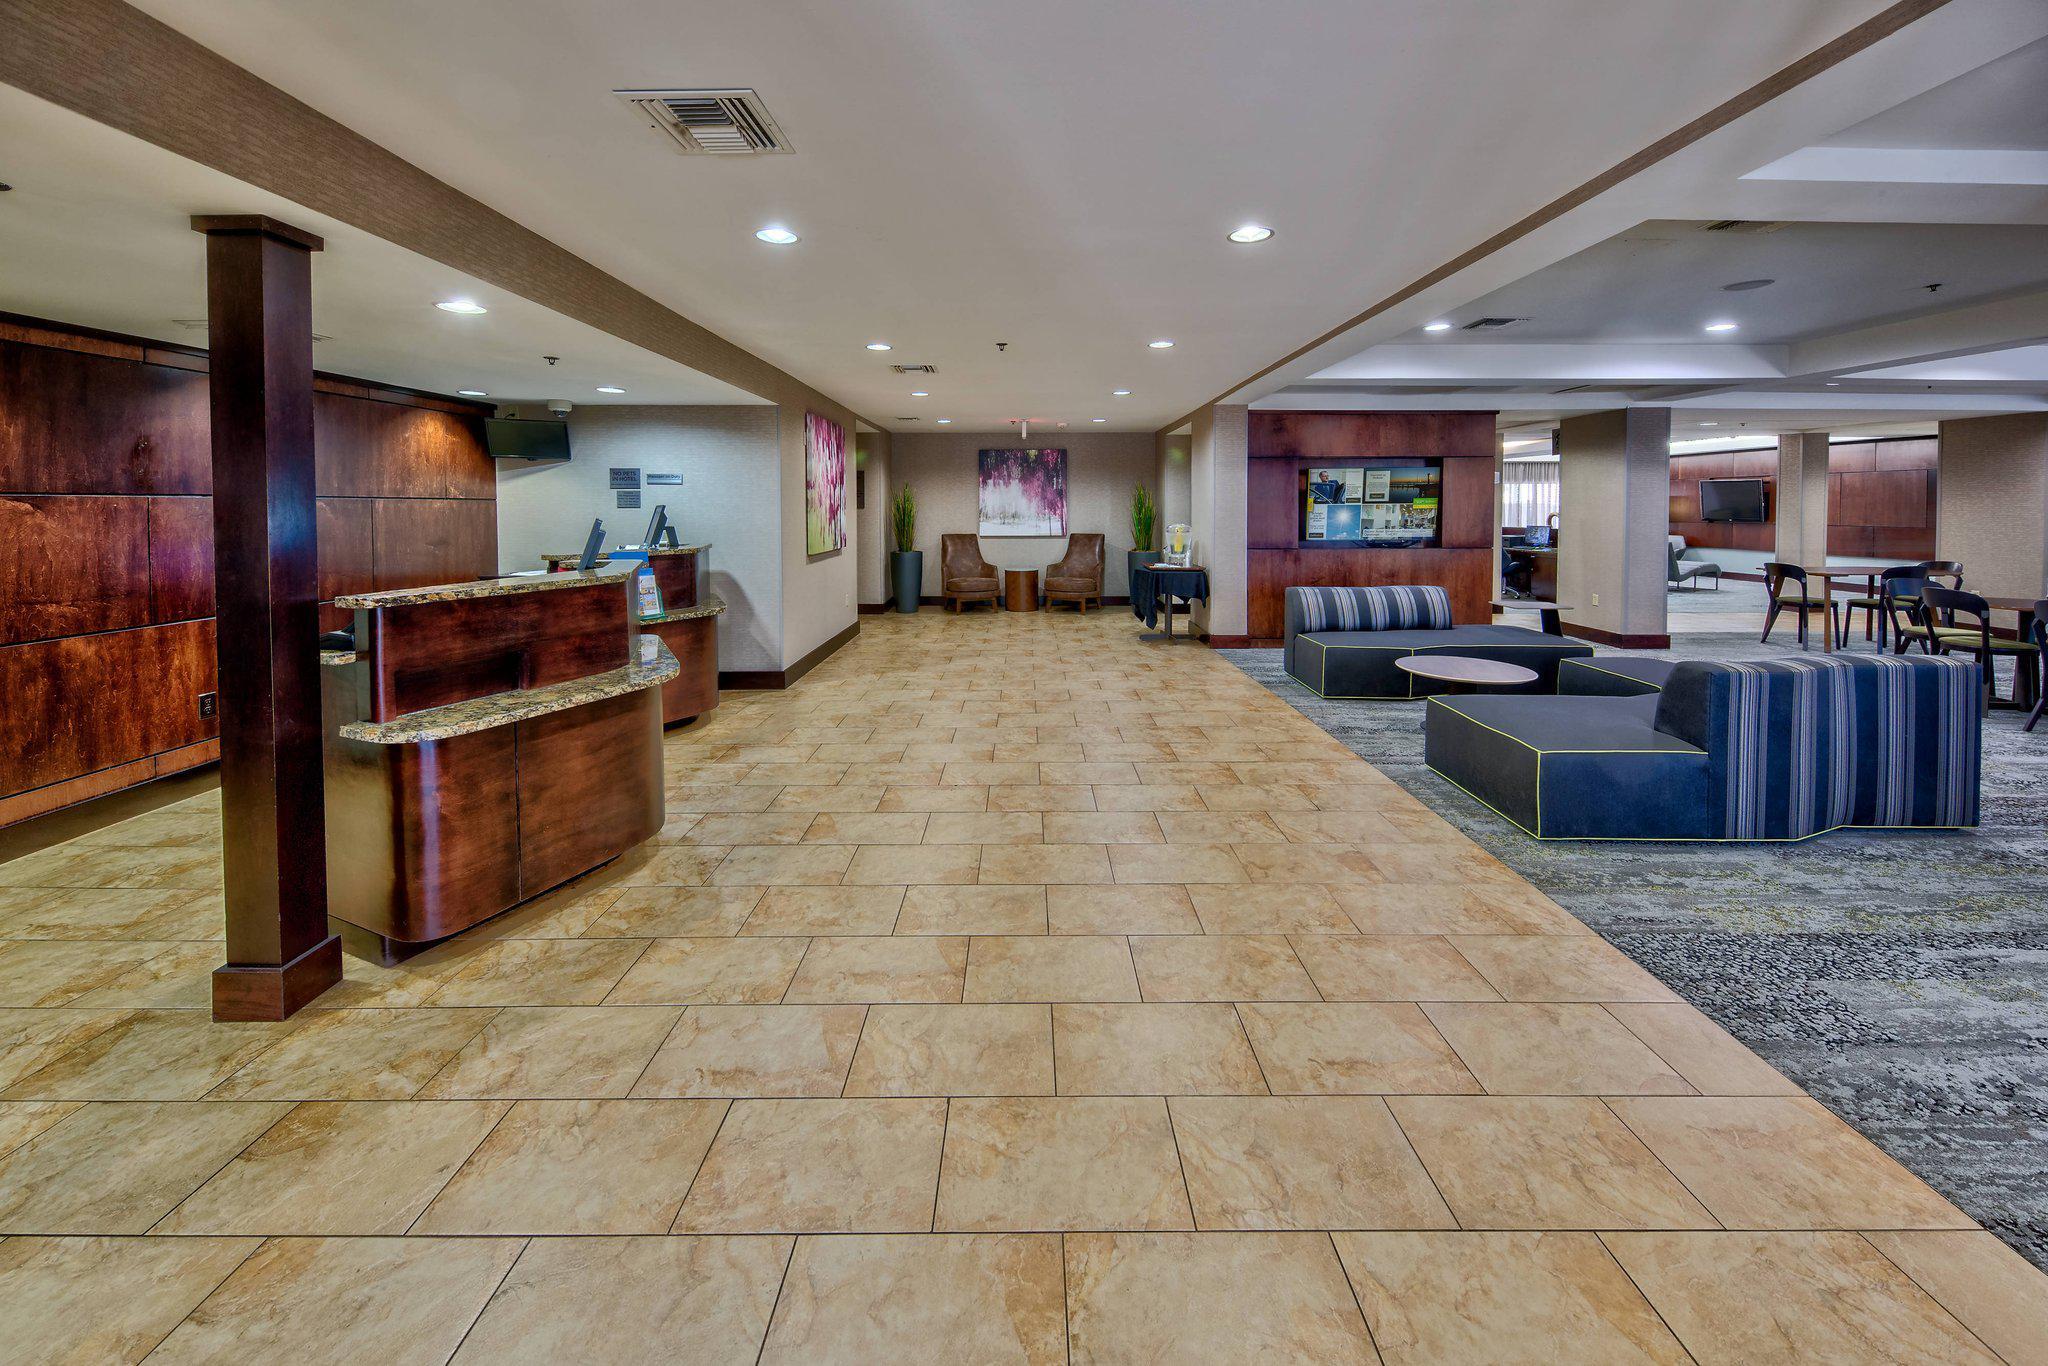 Courtyard by Marriott Abilene Southwest/Abilene Mall South